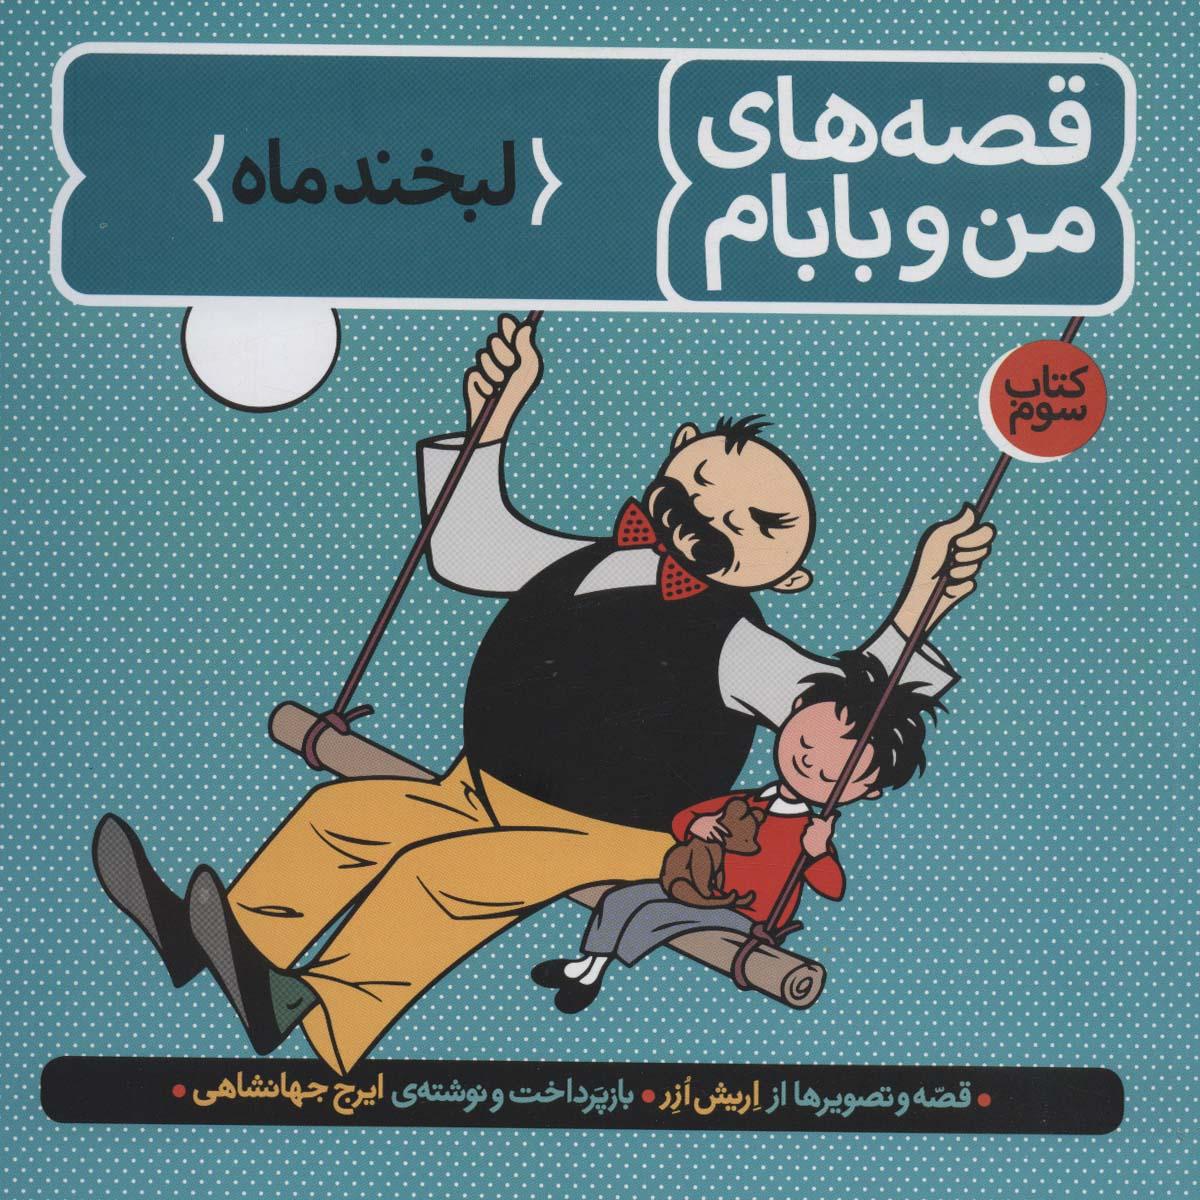 قصه های من و بابام (کتاب سوم:لبخند ماه)،(رنگی)